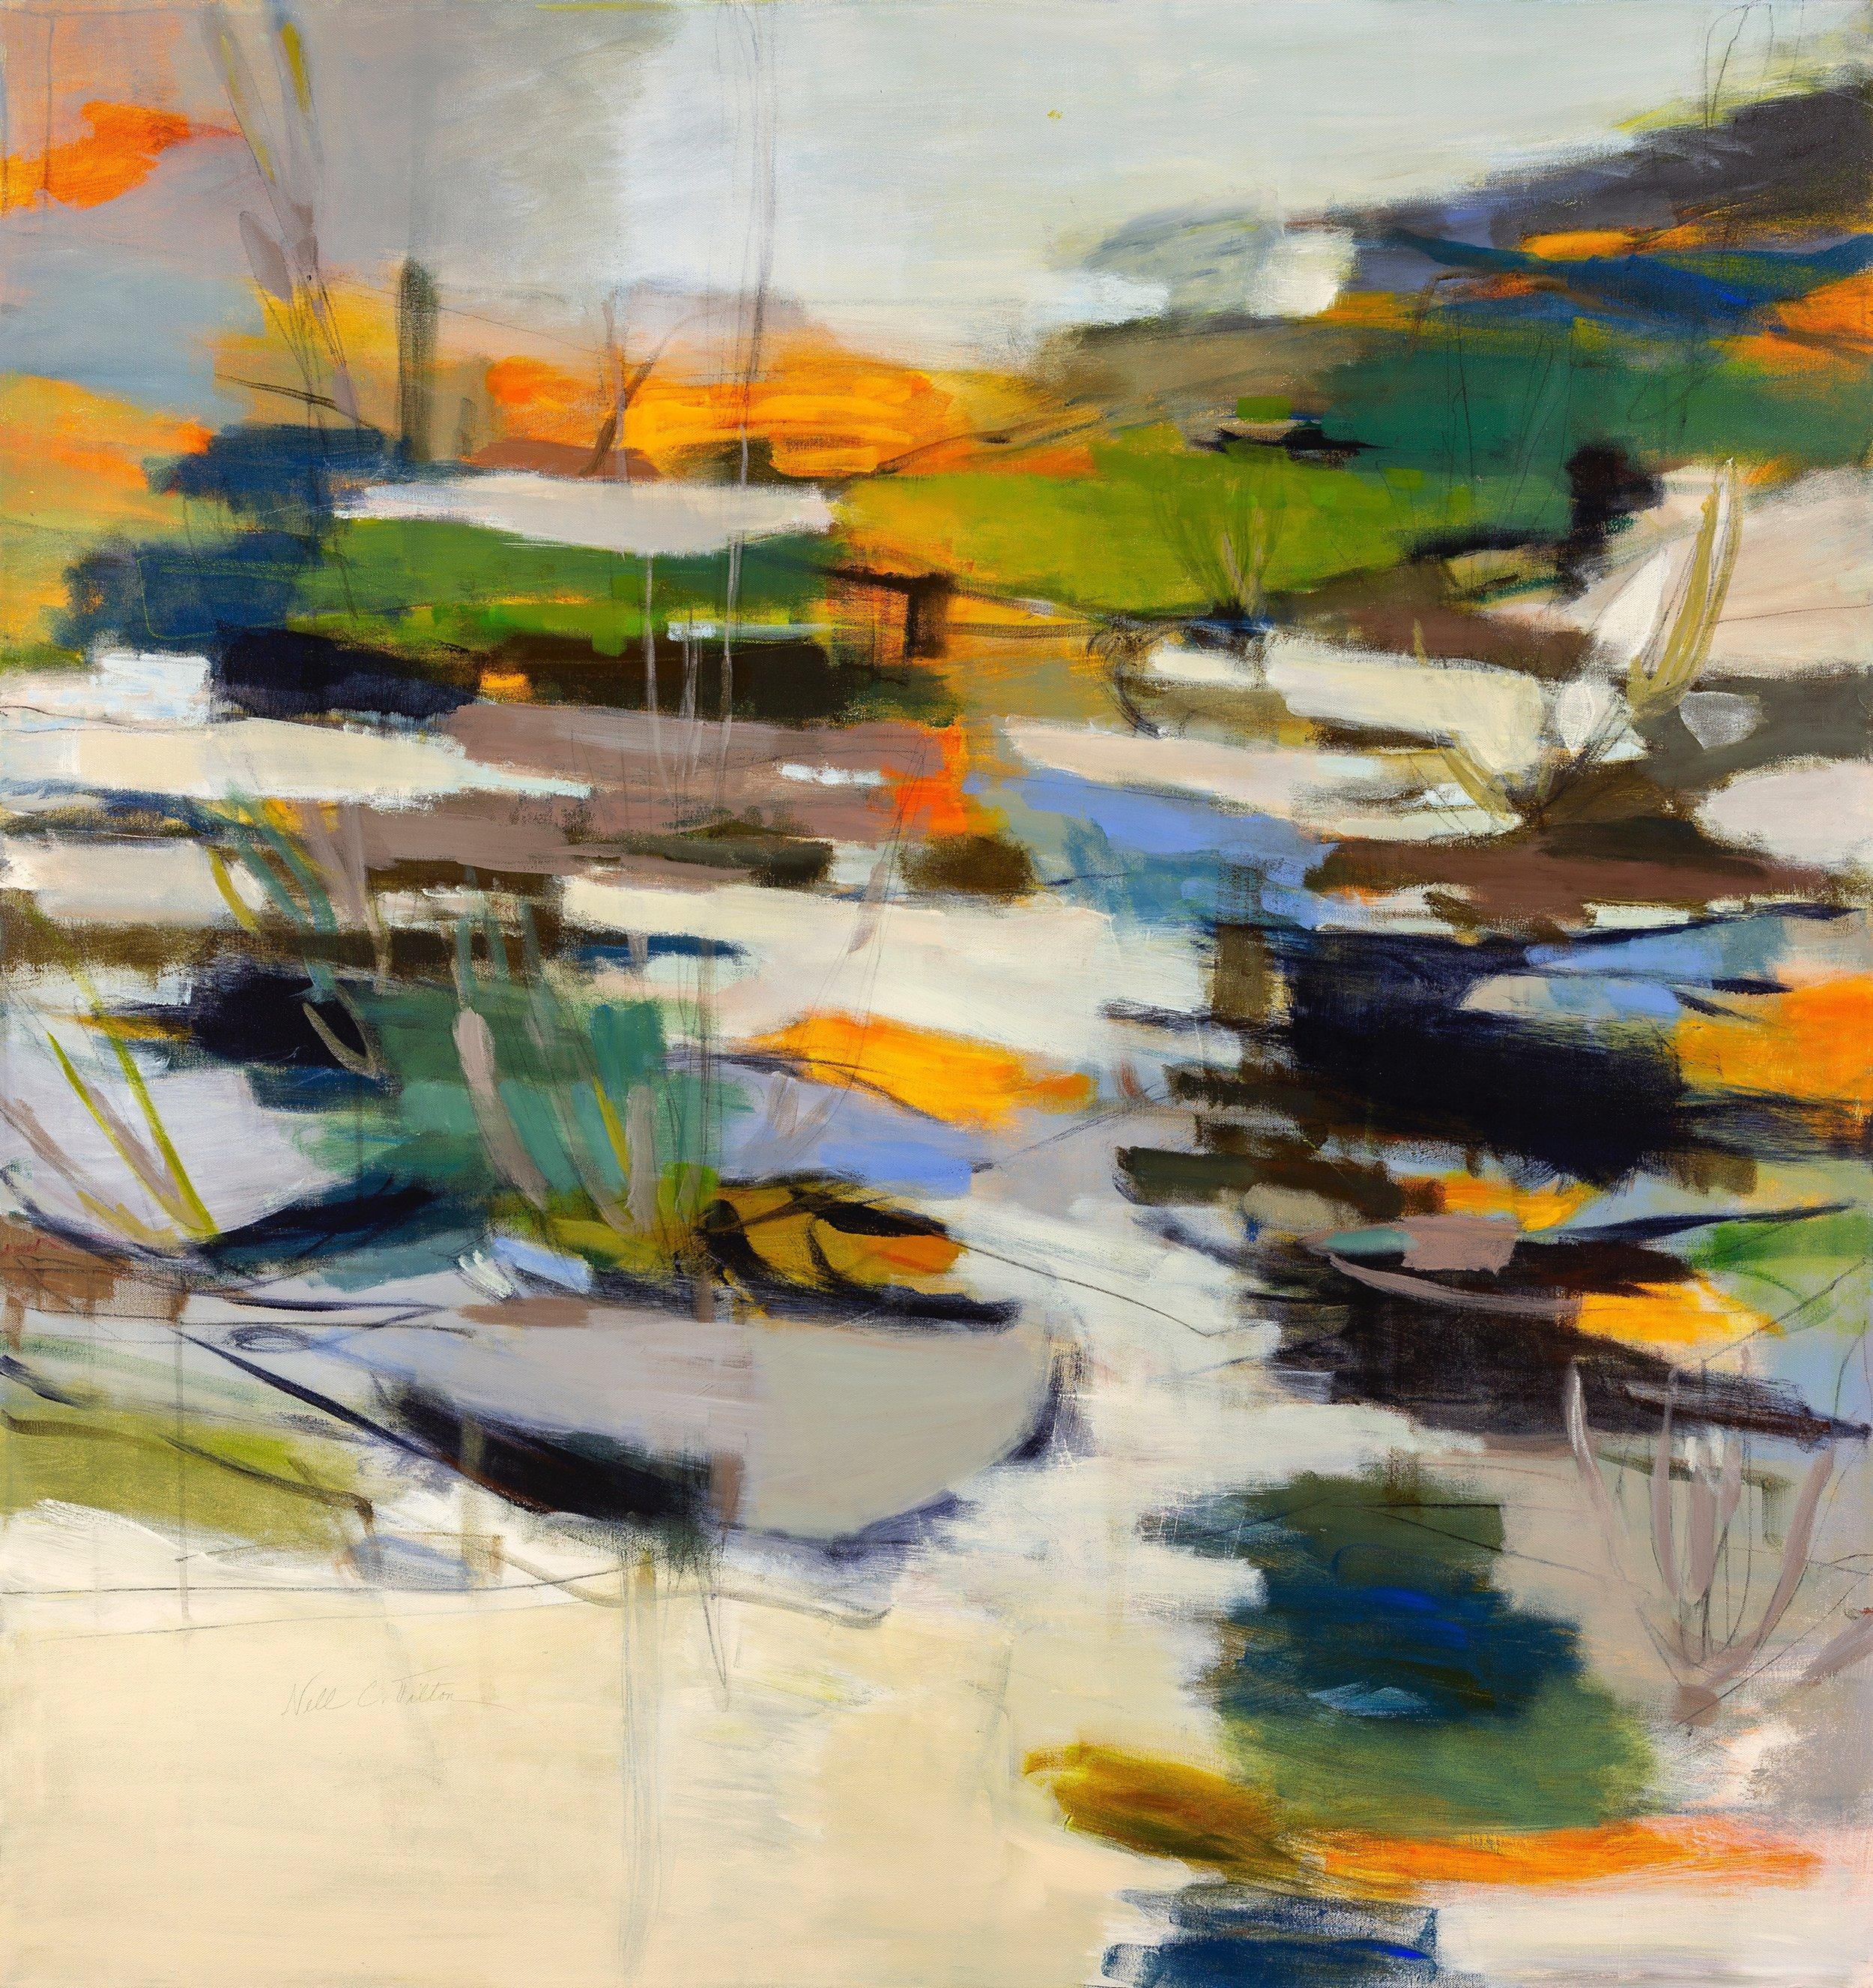 Sold  RHYTHMIC MARSHLAND  52 x 49 Acrylic/Mixed Media on Canvas